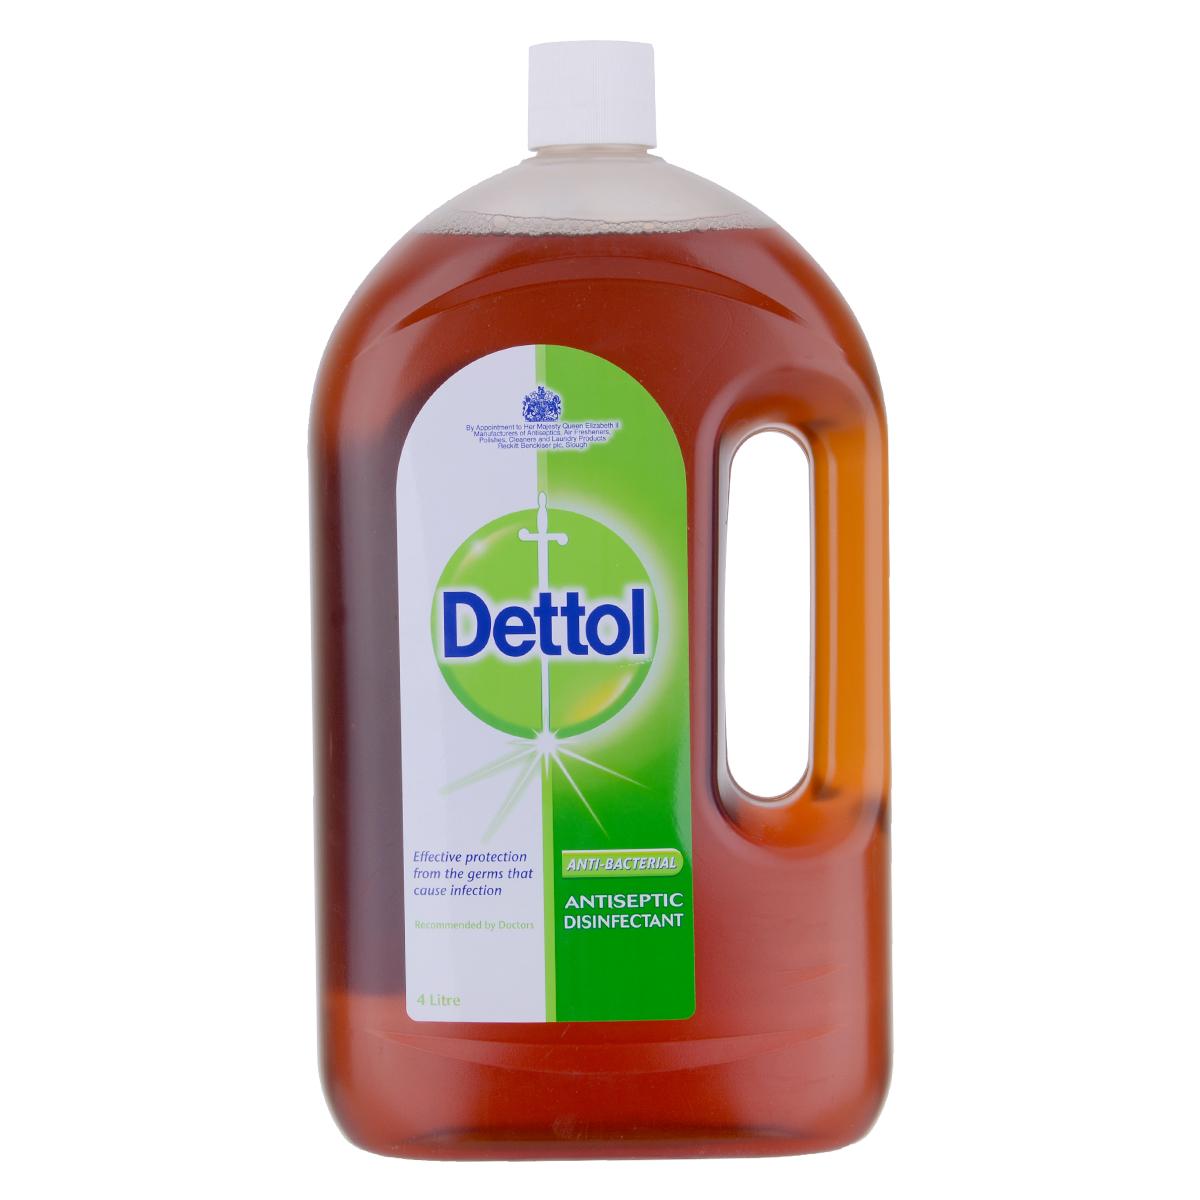 ديتول مطهر سائل مضاد للبكتريا لجميع الأغراض 4لتر